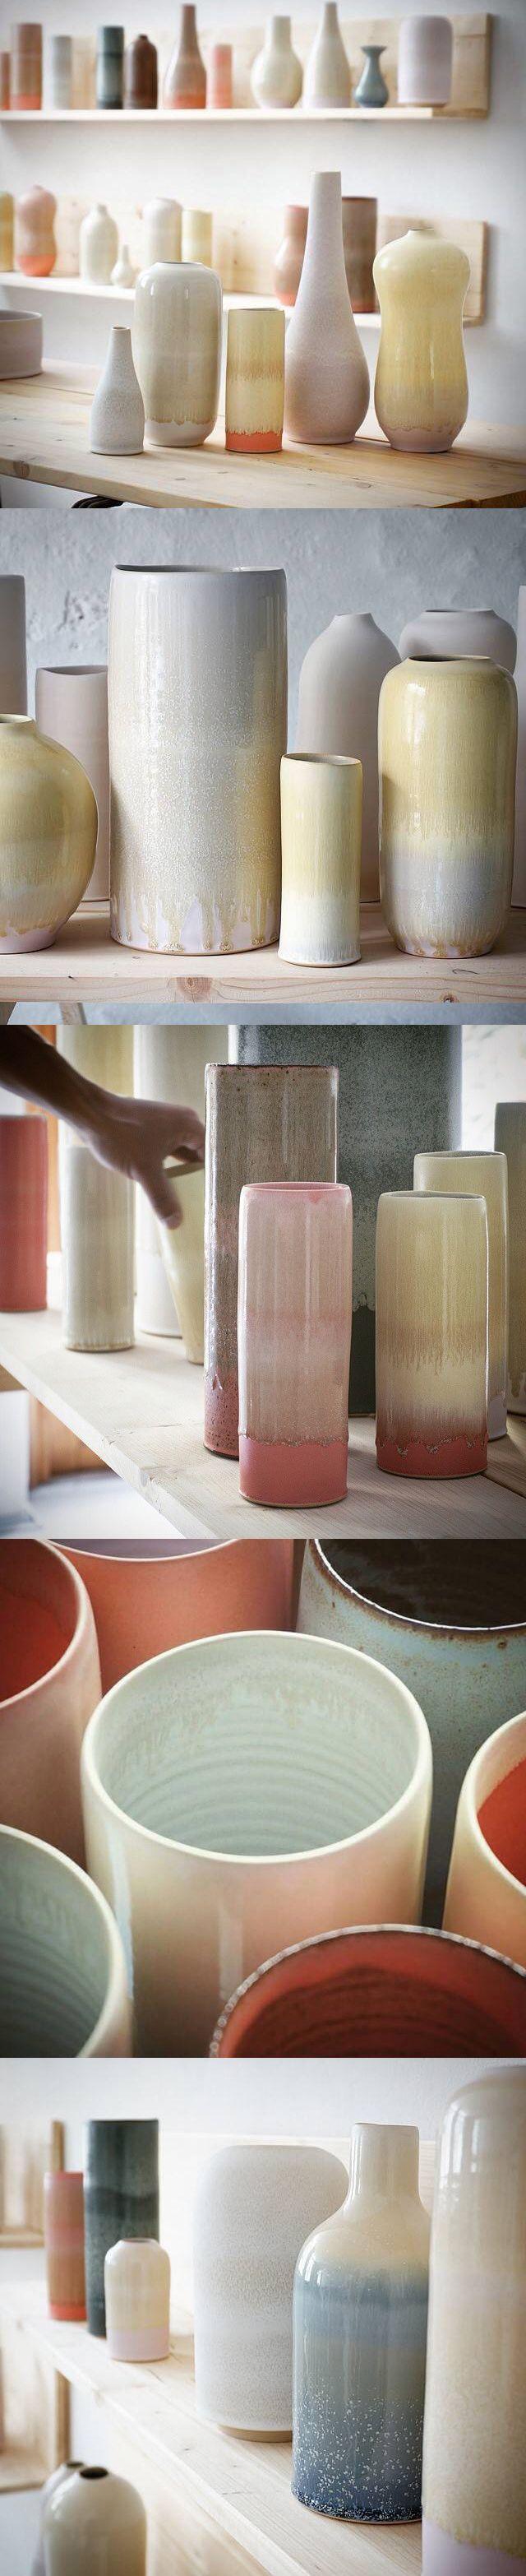 Handmade Danish ceramics from Tortus Copenhagen